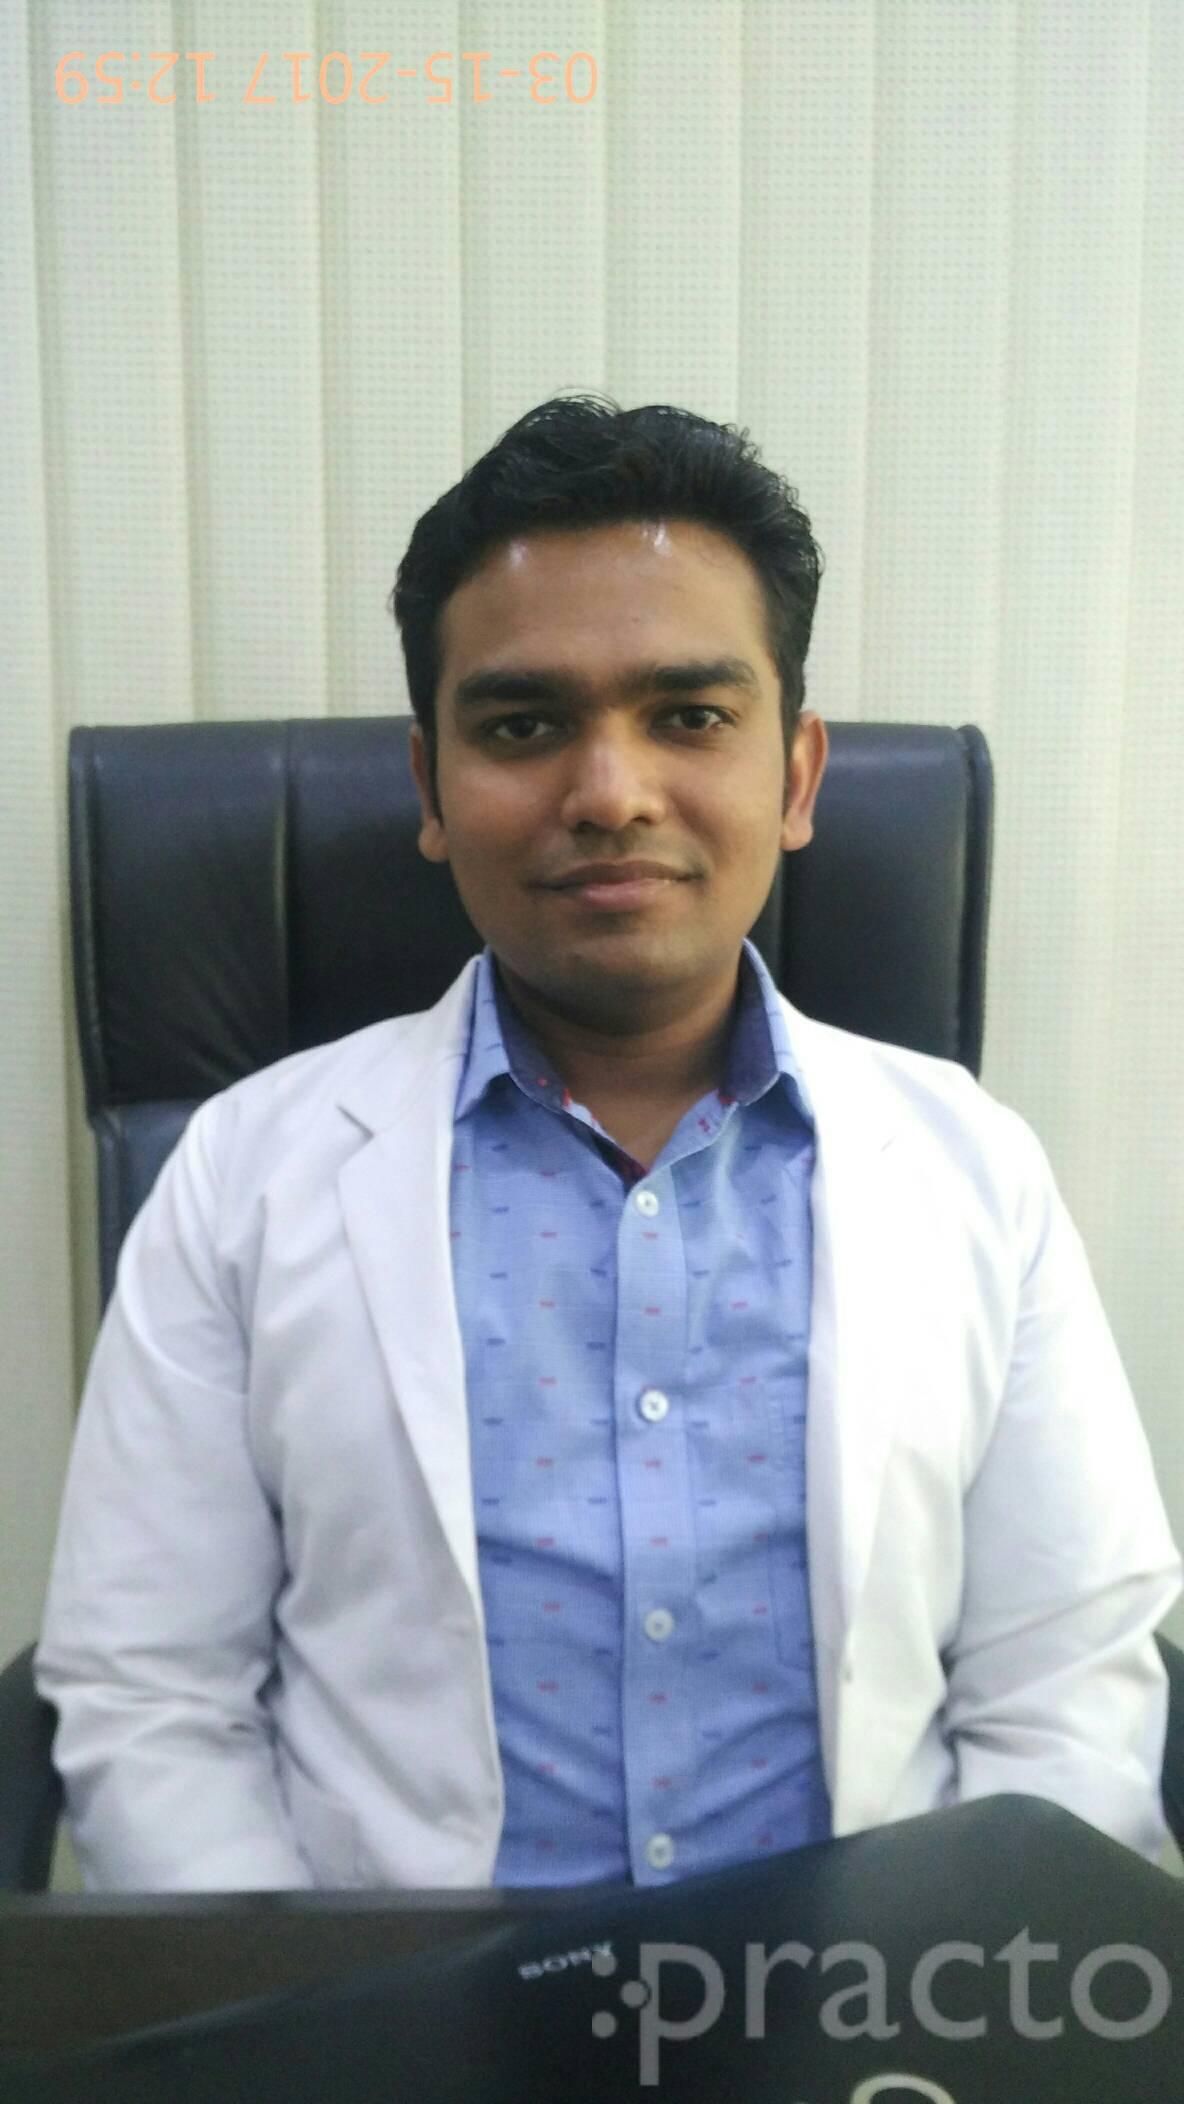 Dr. Chetan Aggarwal - Dentist